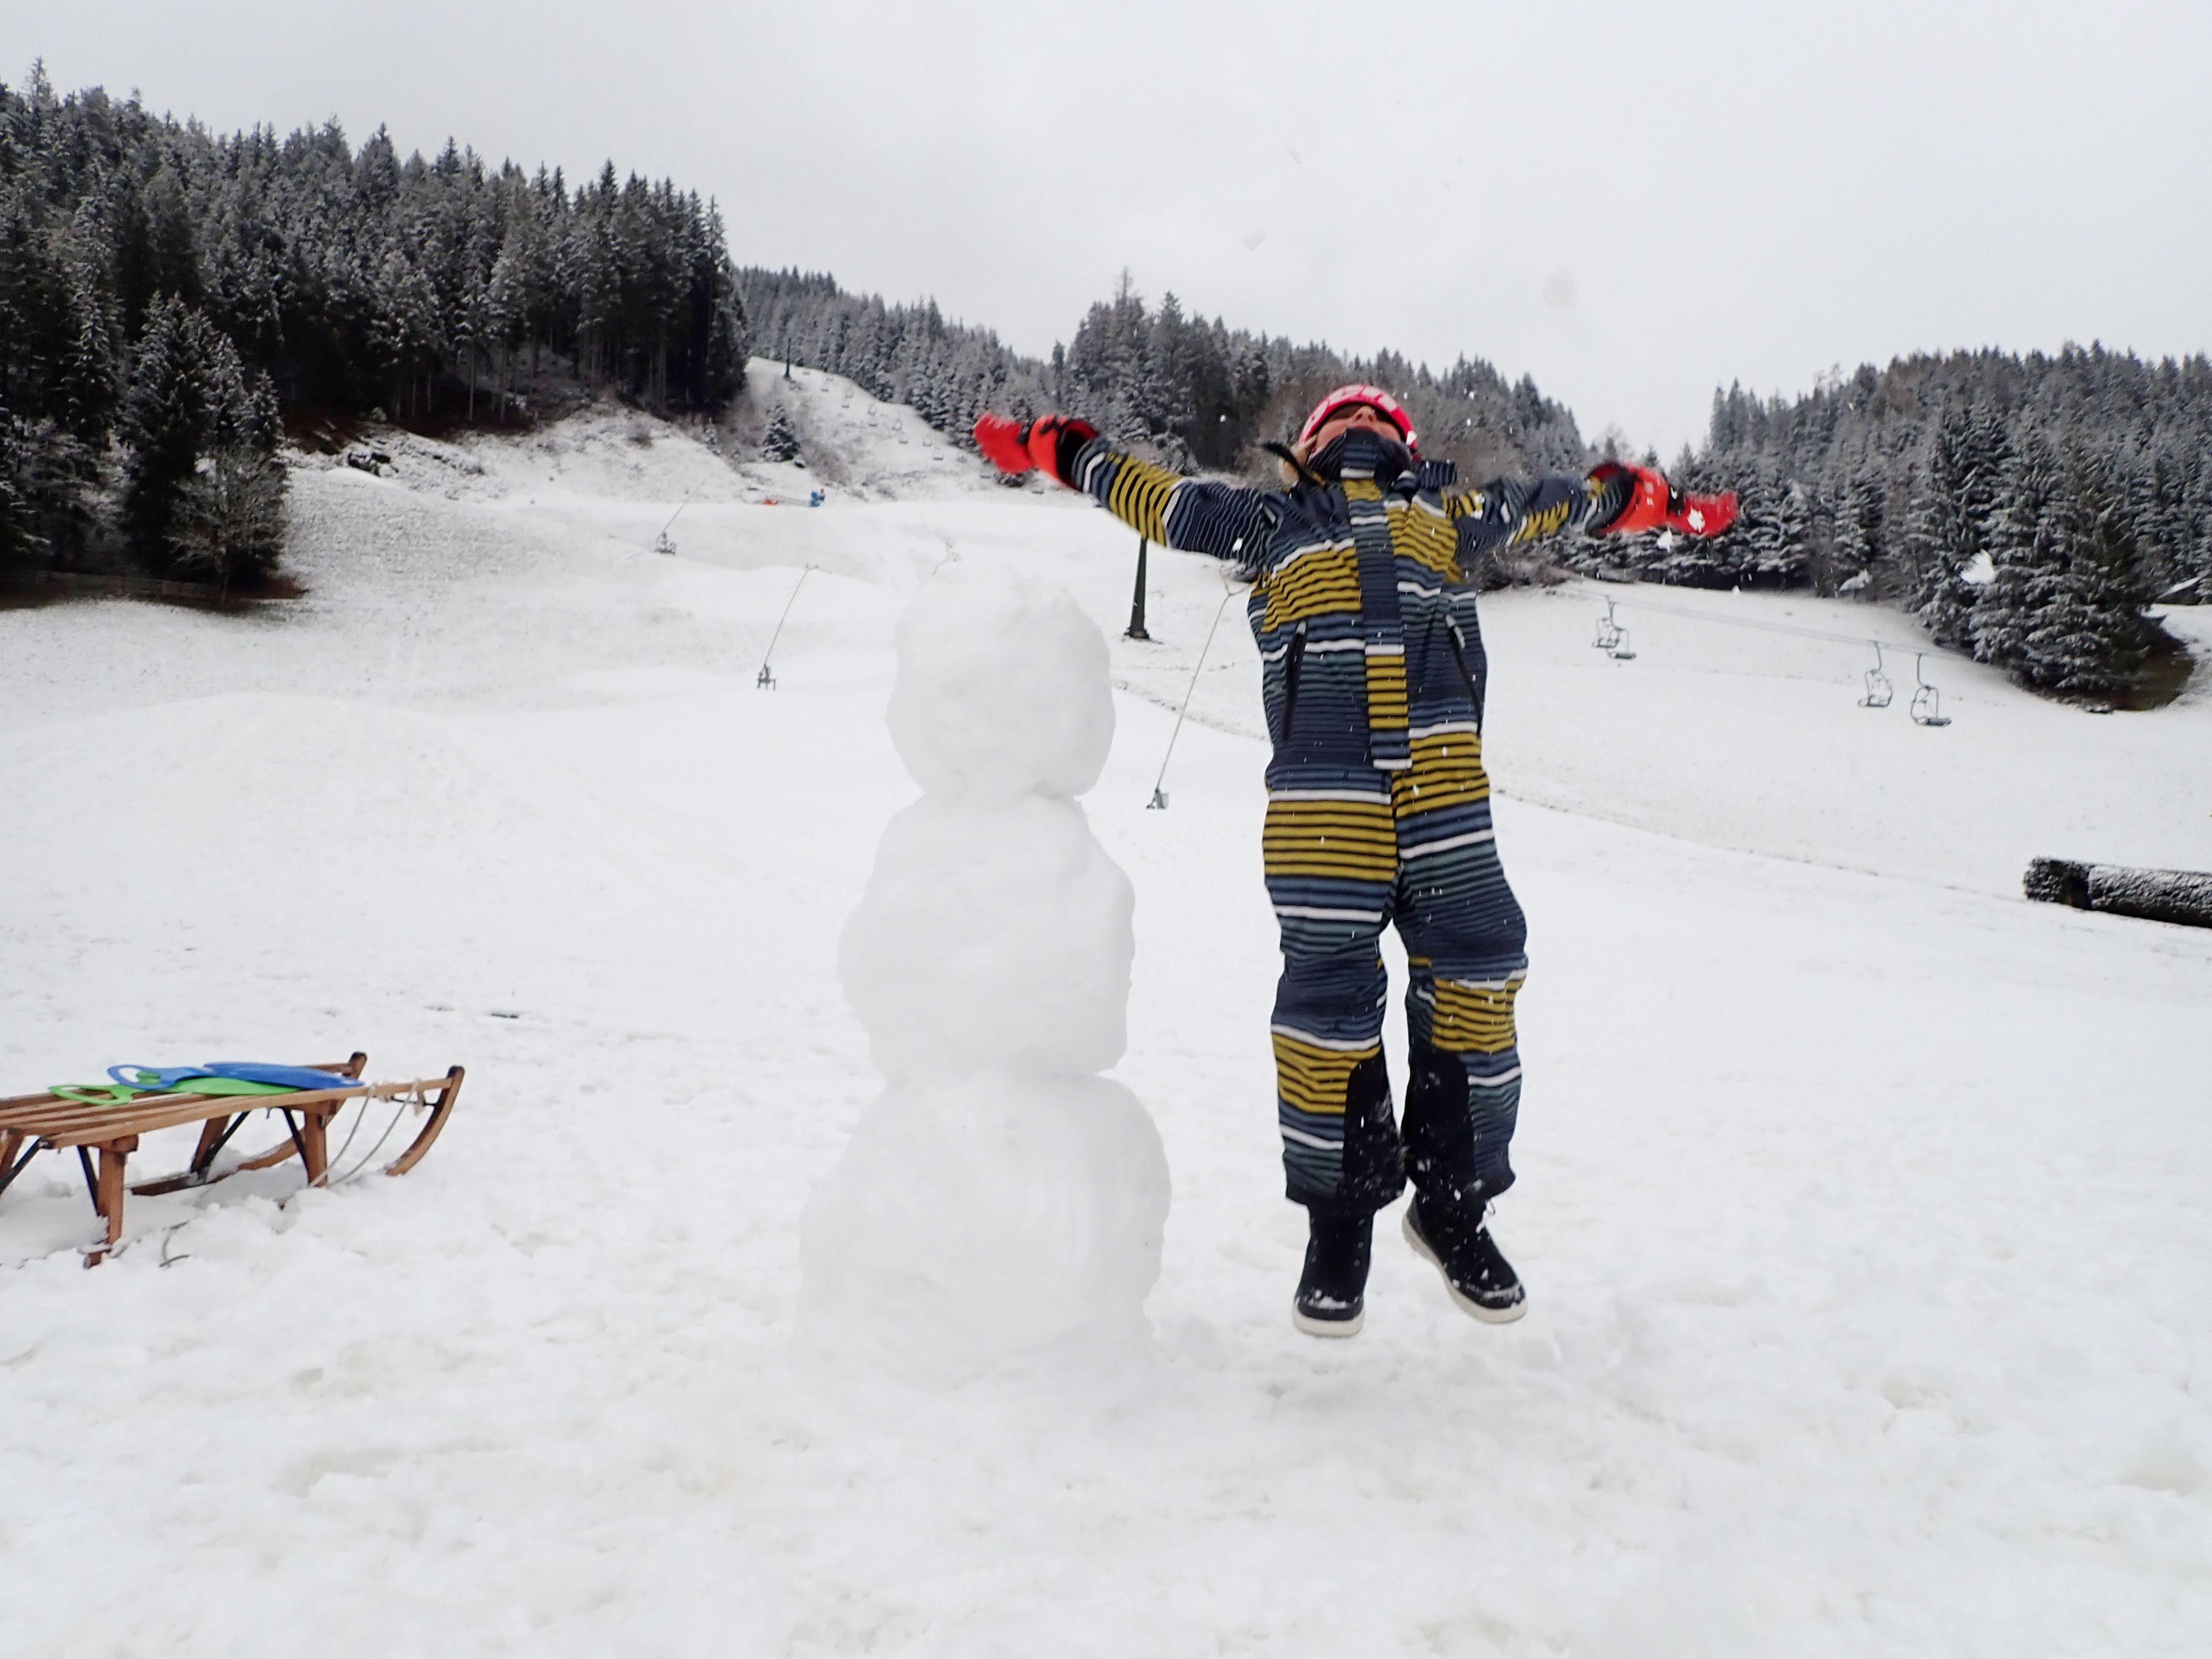 LIVE: sneeuwrijke pistes zonder skiliften zorgen voor bijzondere taferelen